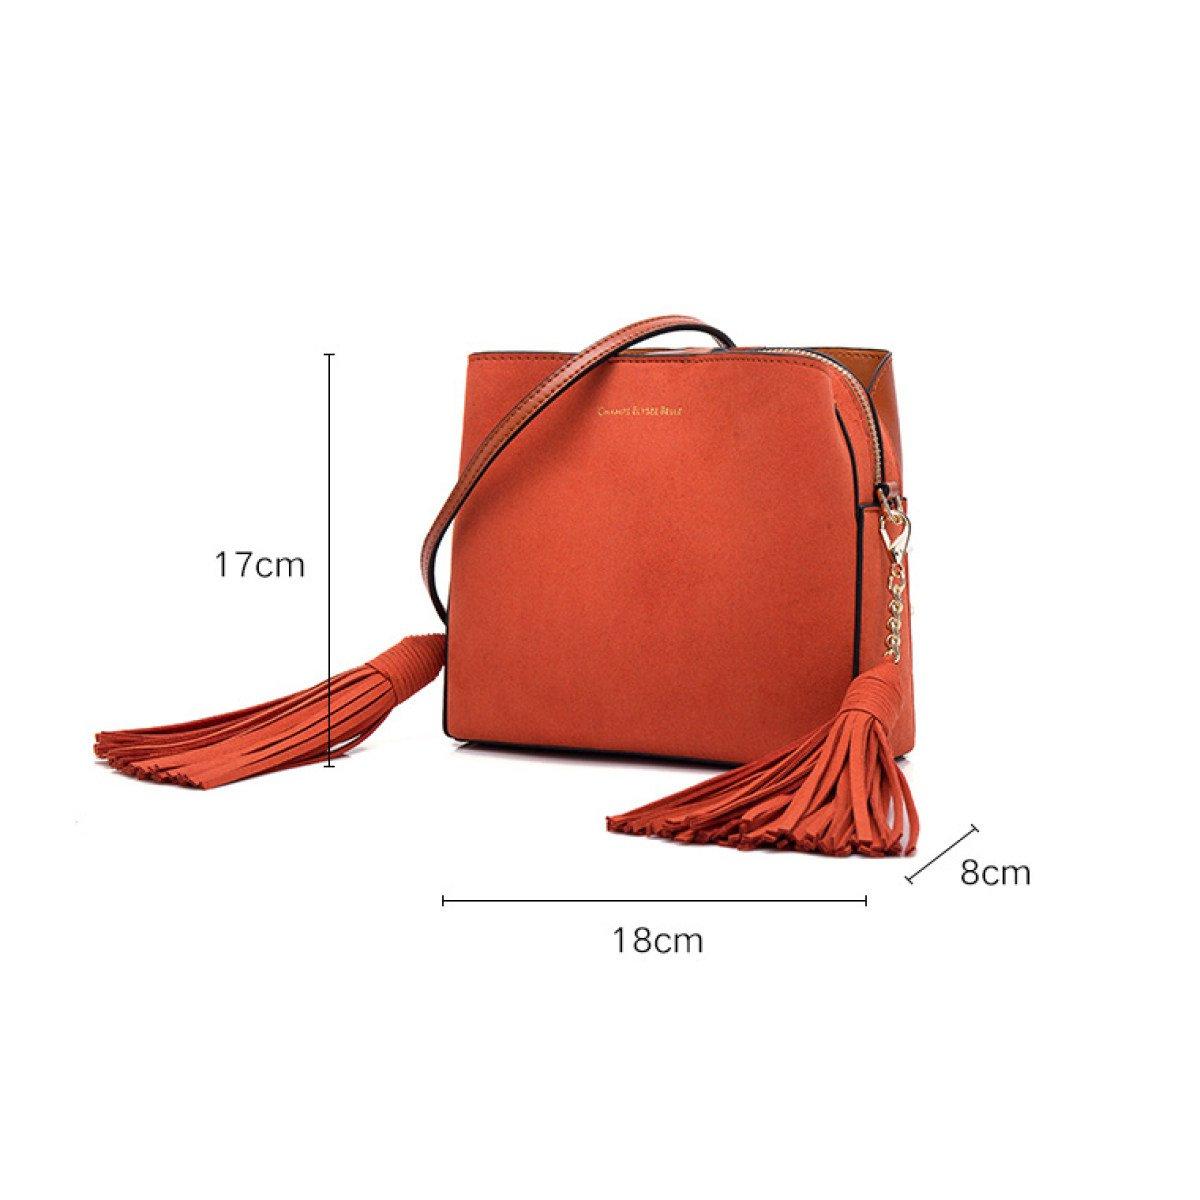 Frauen PU Tote Tote Tote Handtasche Damen Casual Multi Pocket Schultertasche Elegante Arbeit Tasche Messenger Bags Schwarz B07BNJ572N Schultertaschen Feines Nähen ab94d4